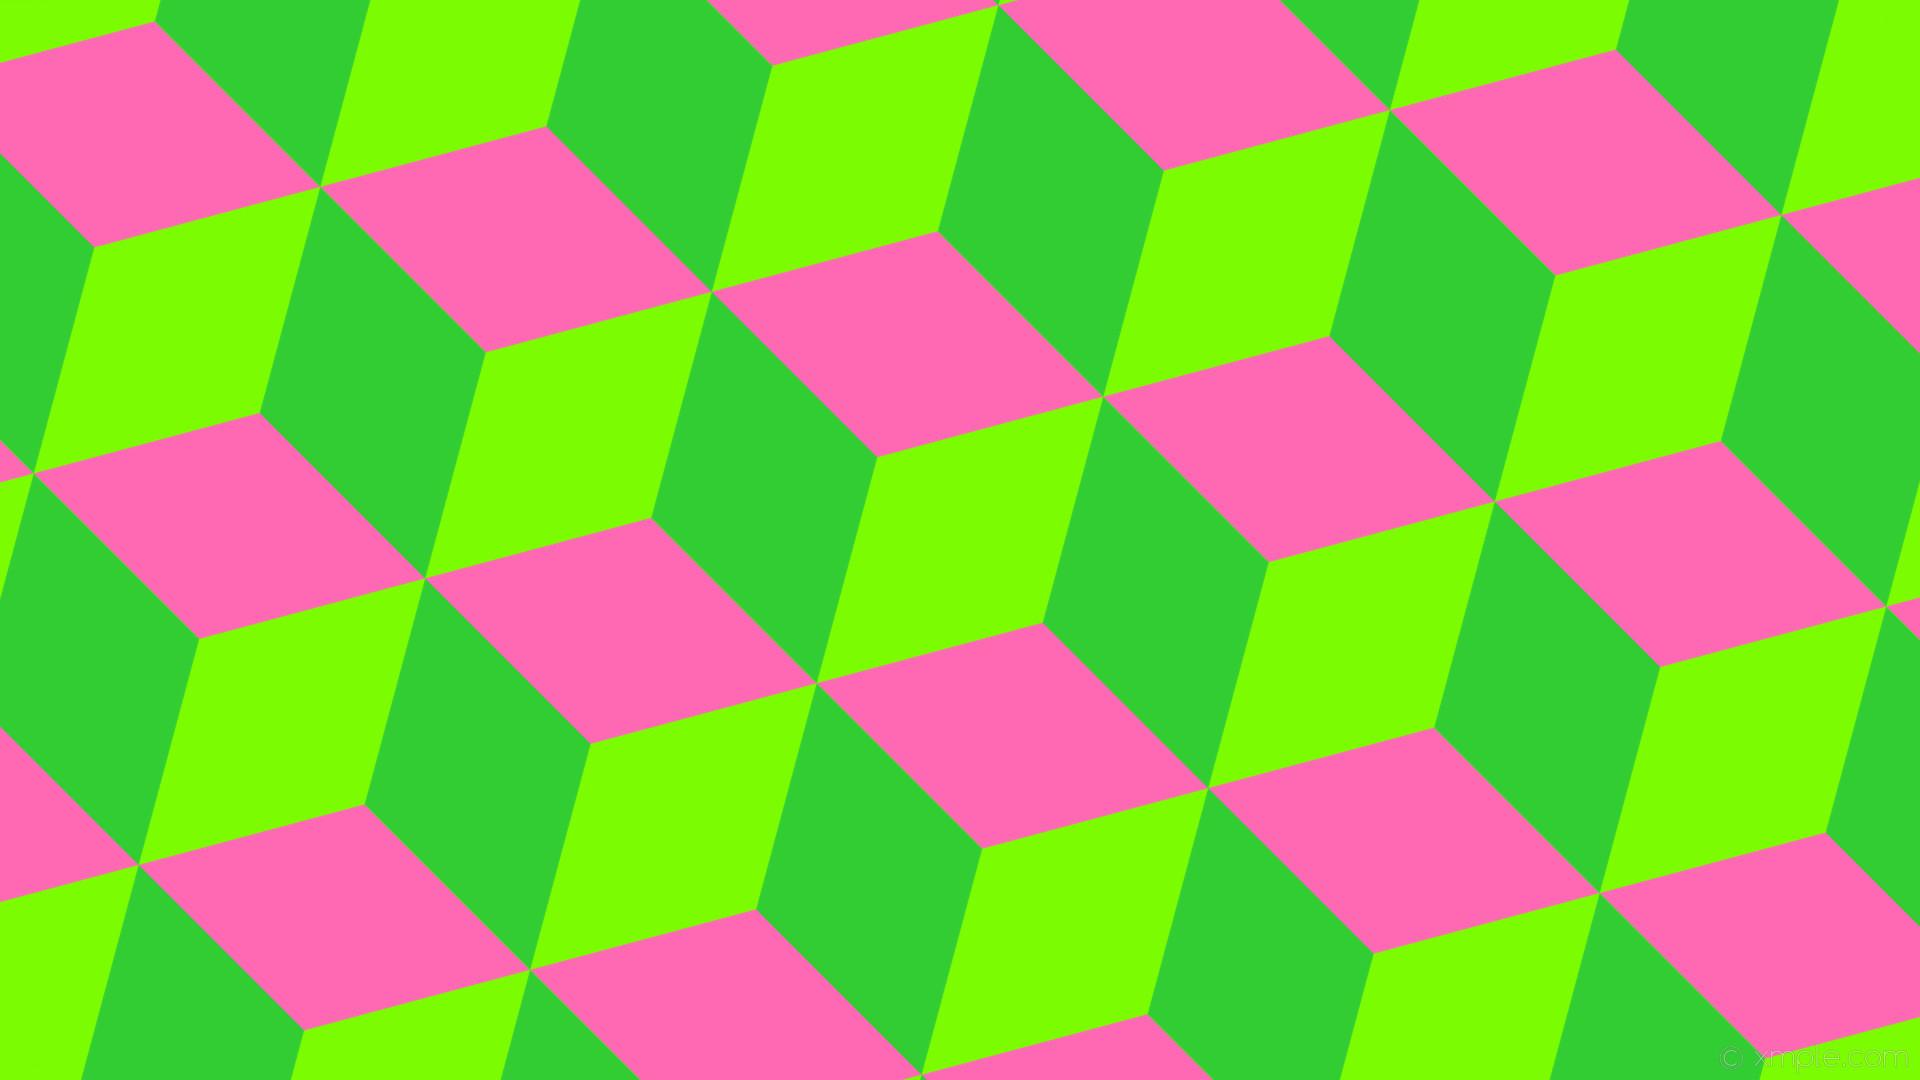 1920x1080 wallpaper 3d cubes green pink lawn green hot pink lime green  #7cfc00 #ff69b4